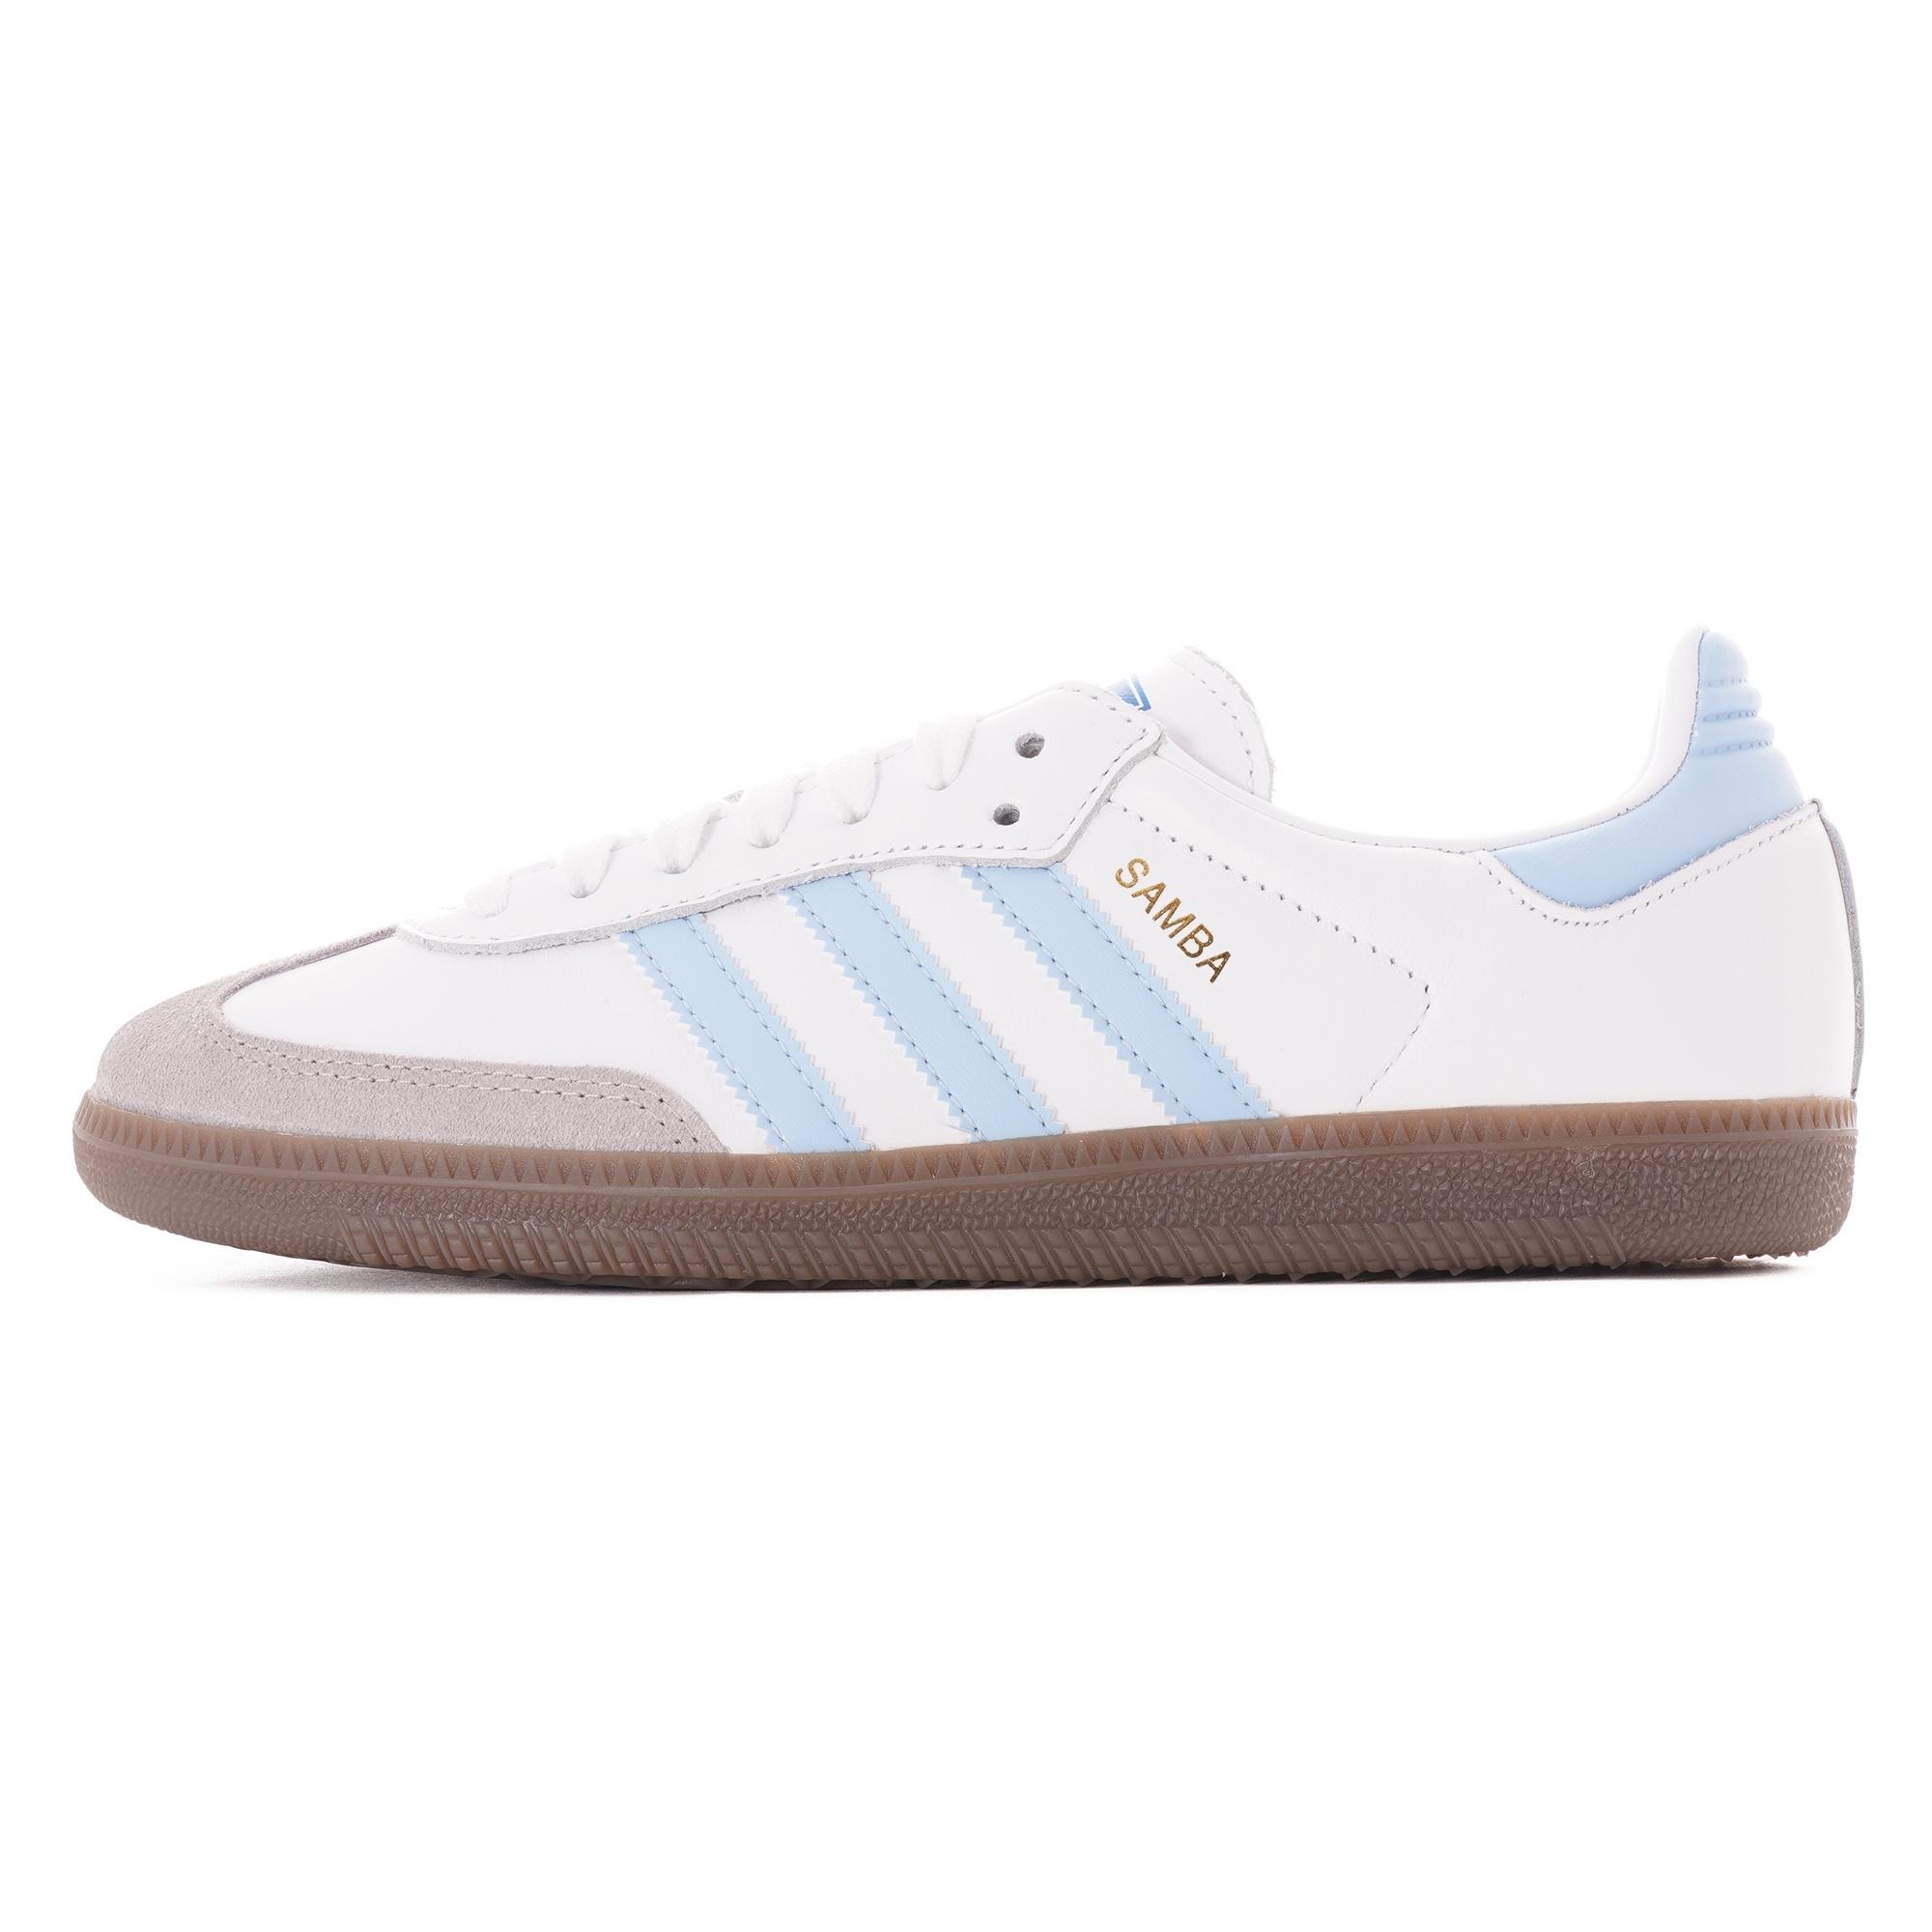 adidas Originals Samba OG | White/Blue